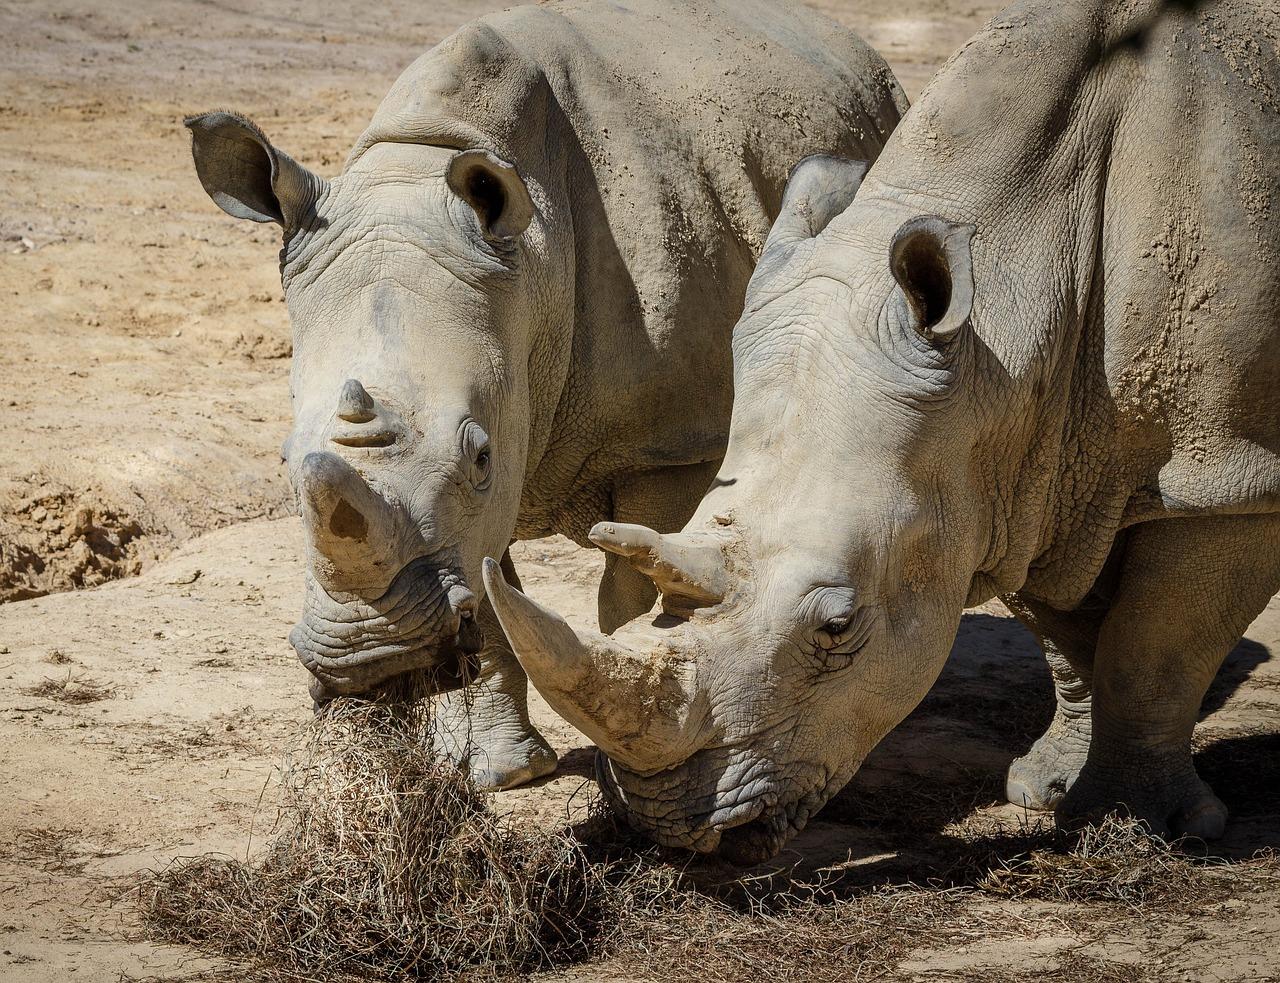 фото стадо носорогов столице столкнулся ненавистью